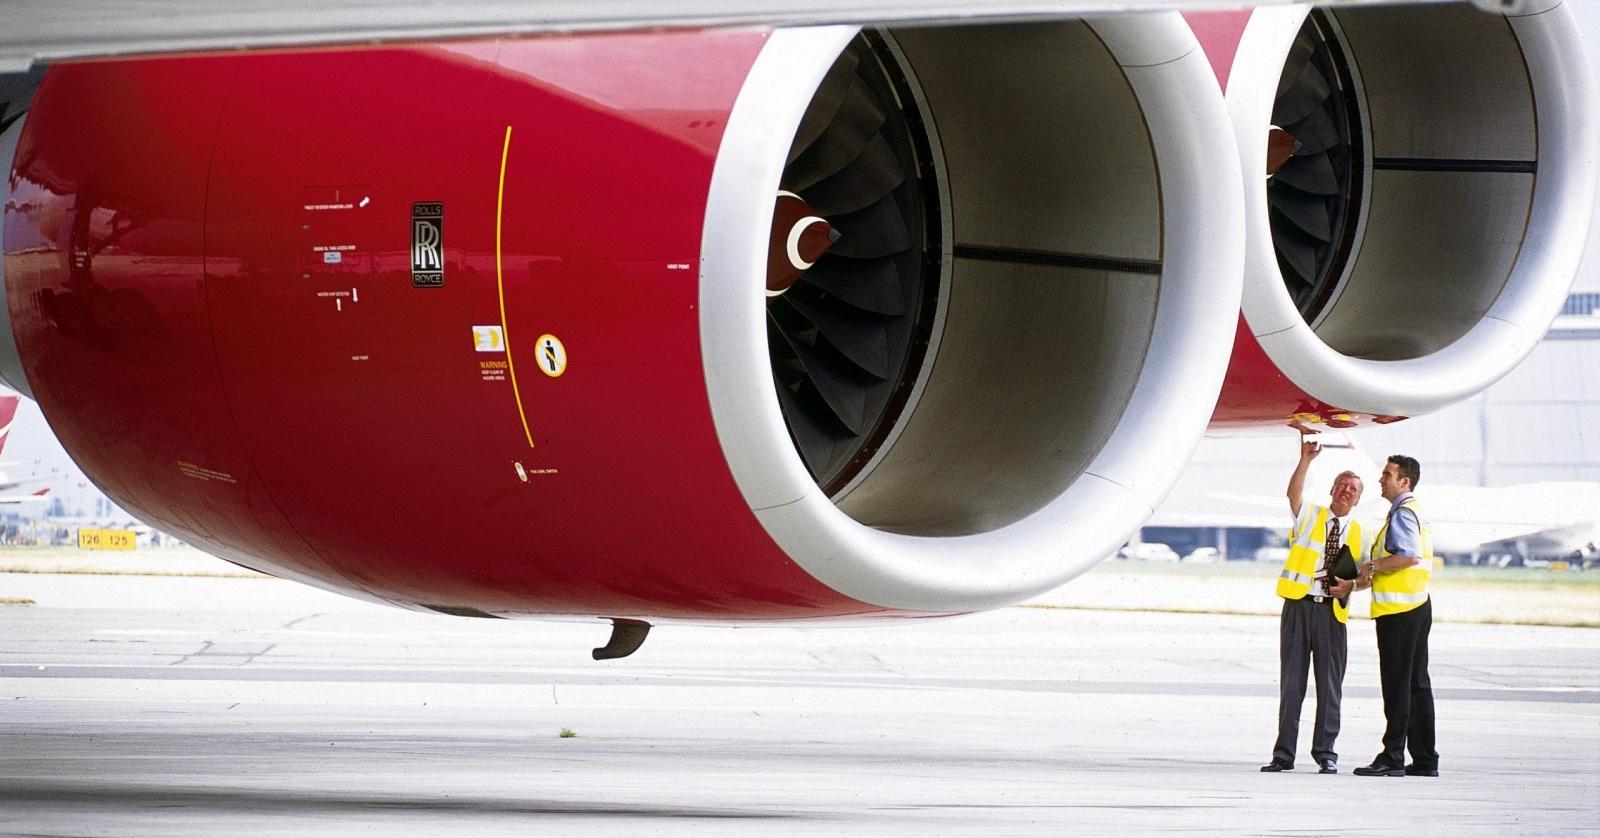 Почему кидать монеты в двигатели самолёта смертельно опасно